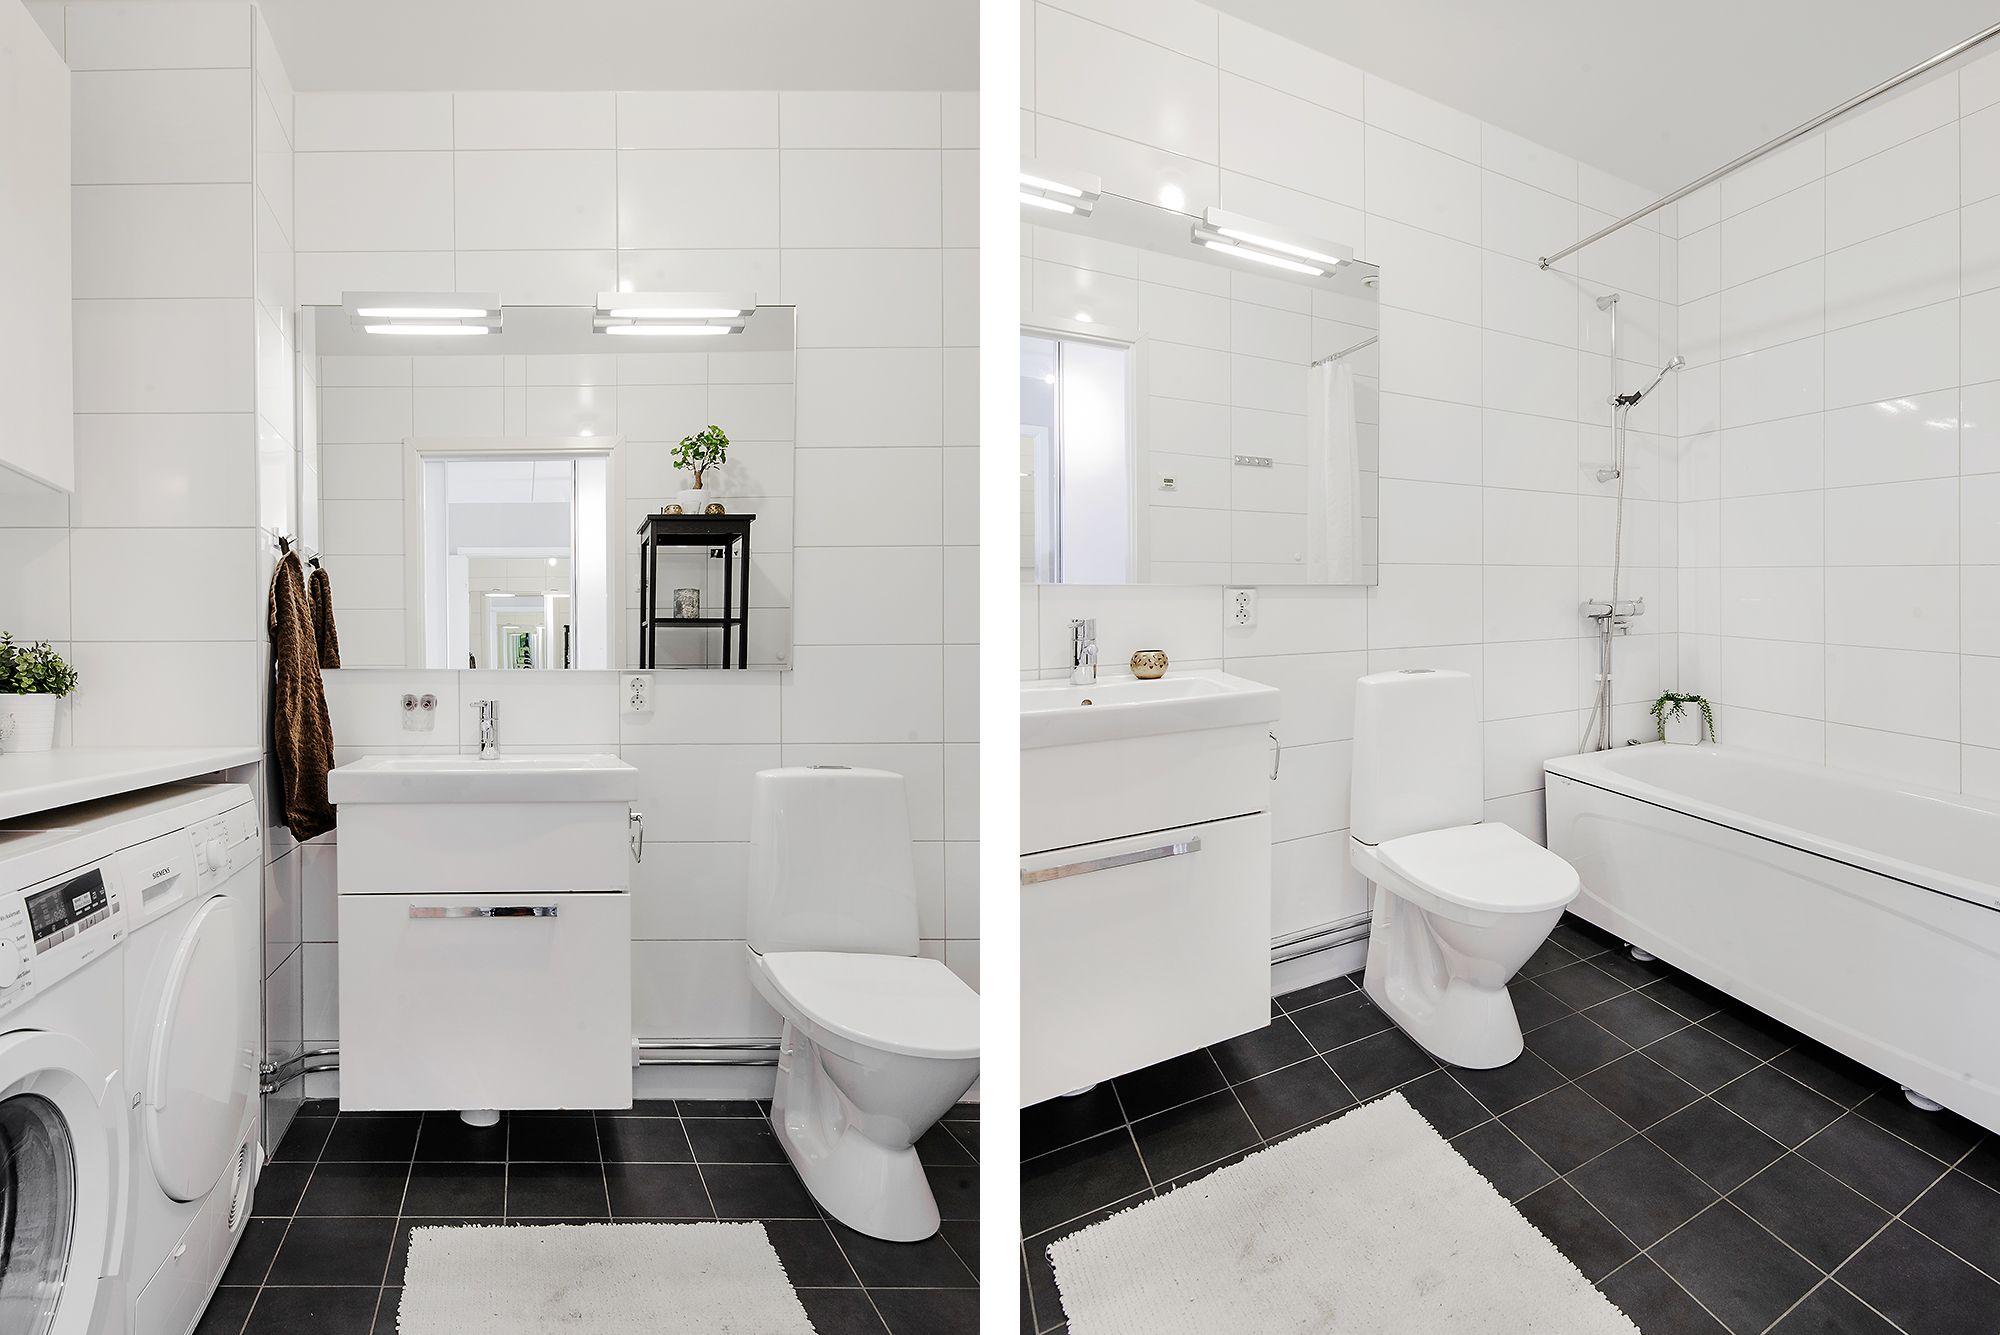 inbyggd tvättmaskin badrum Sök på Google Badrumsinspo Pinterest Sök, Google och Badrum